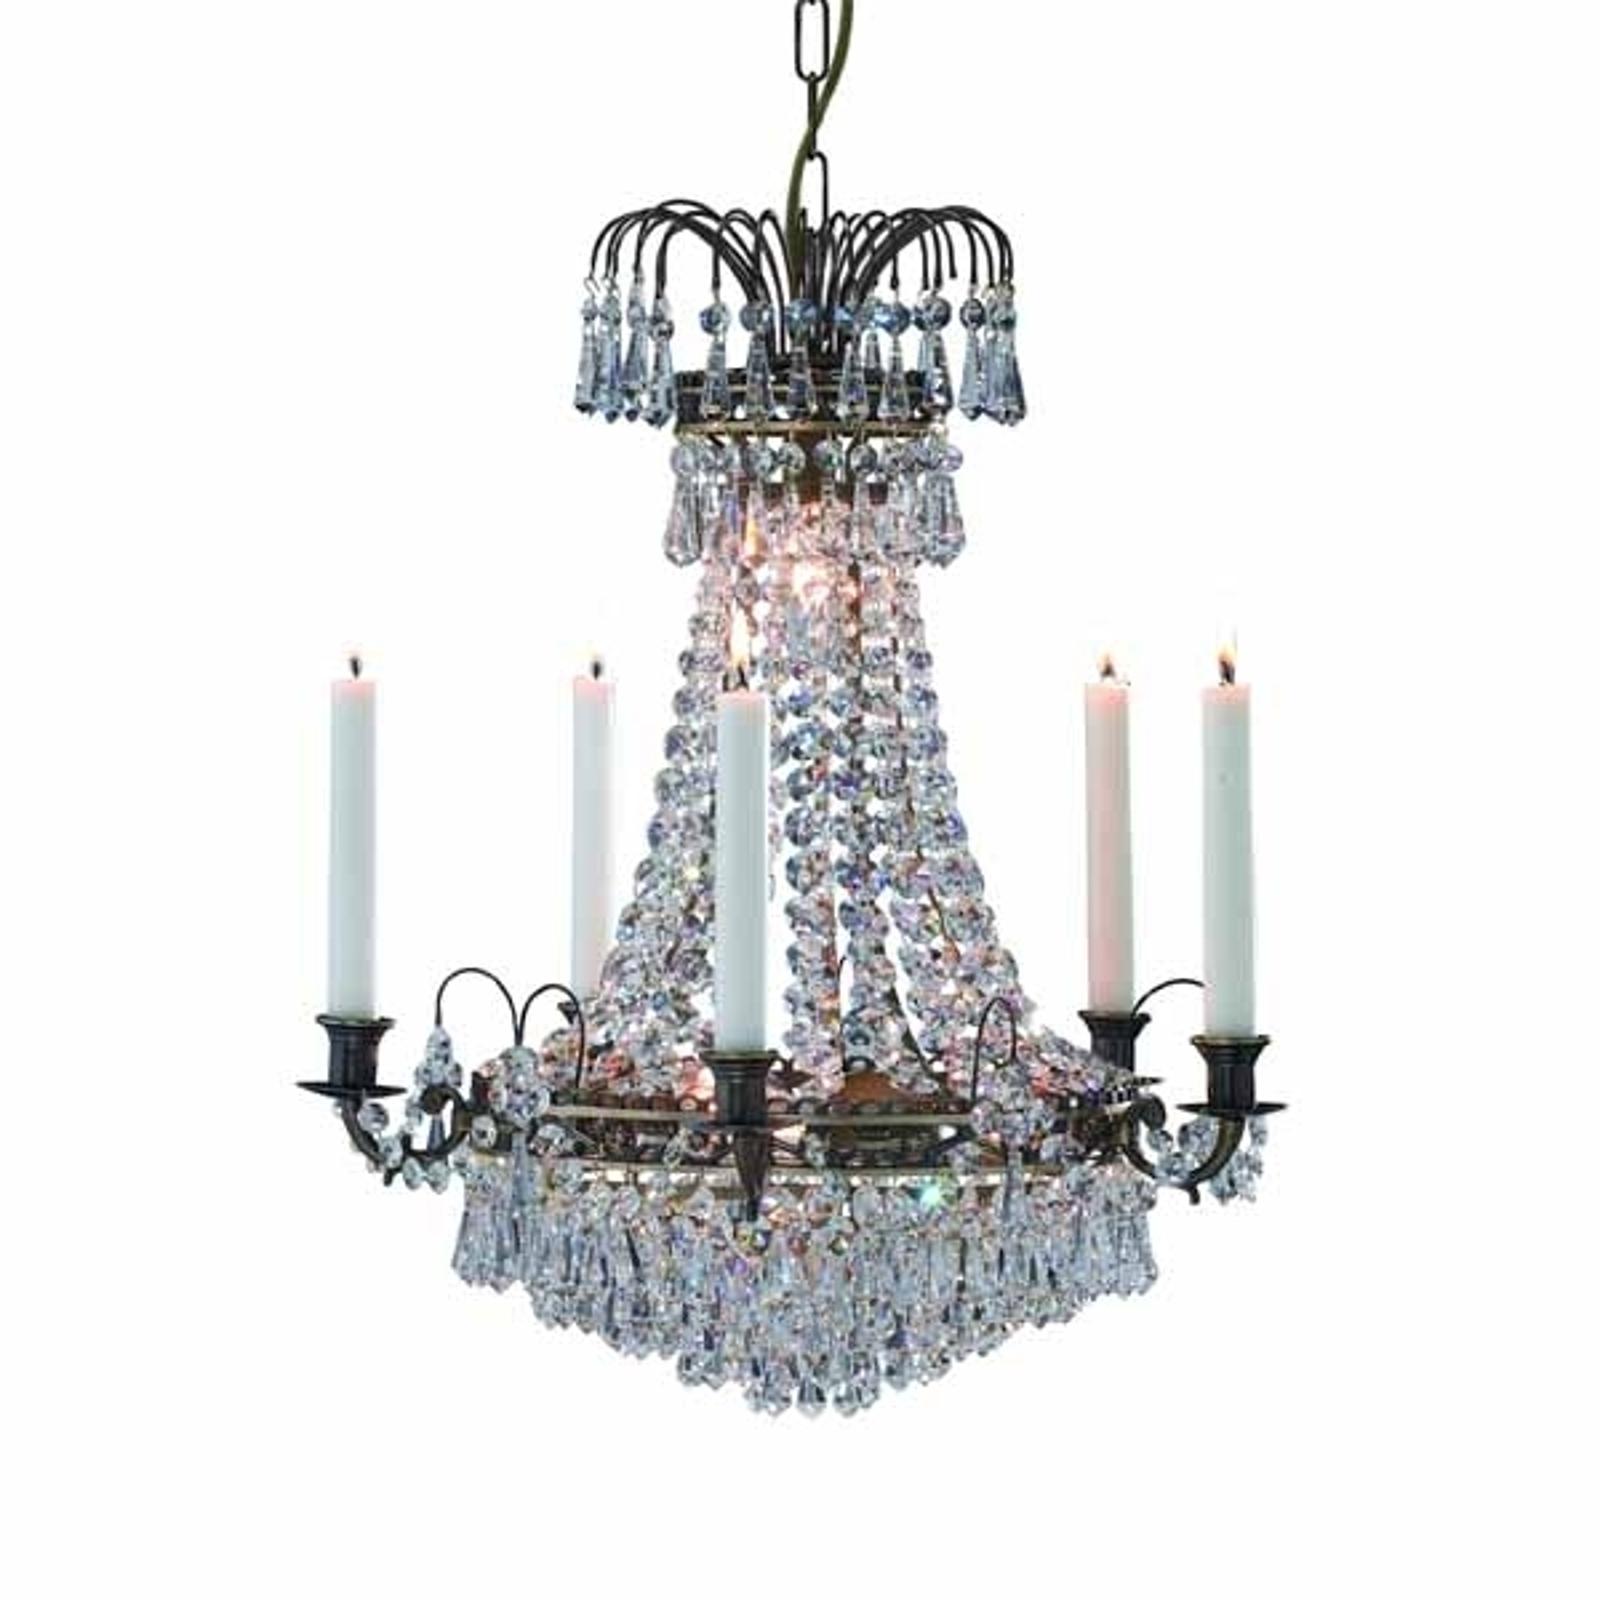 Präktig ljus-lampkrona Lacko 48 cm